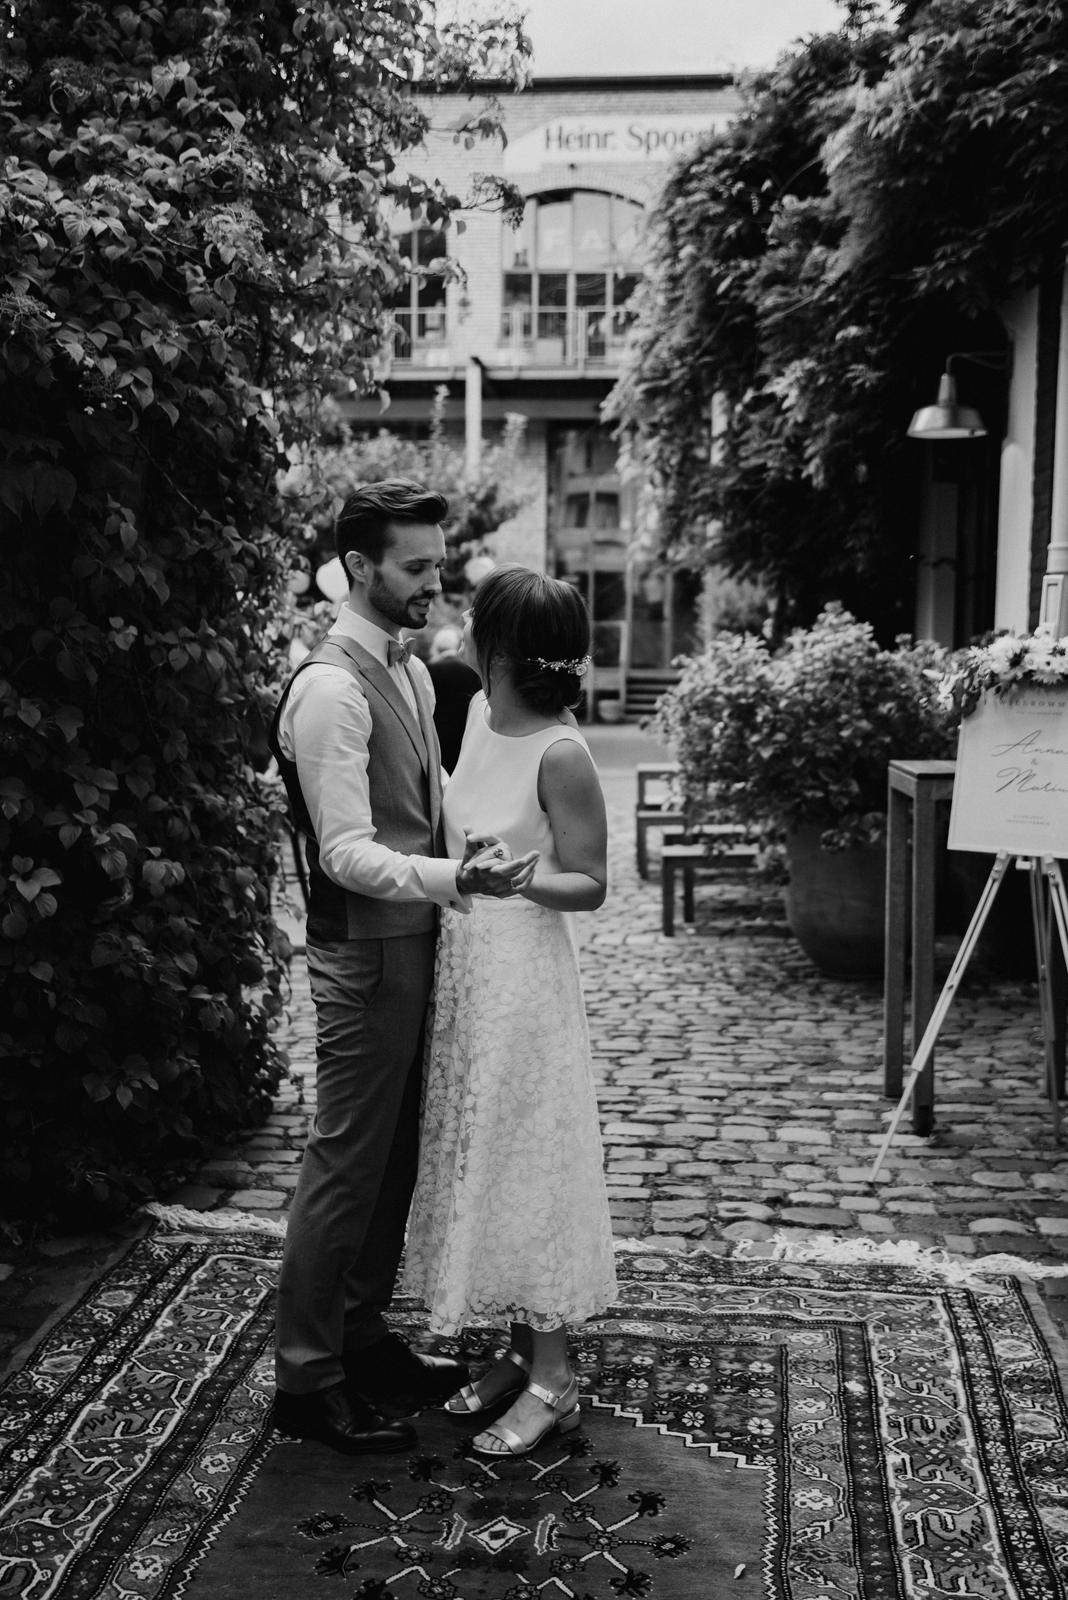 Hochzeitslocation im Innenhof mit Brautpaar, schwarz-weiss